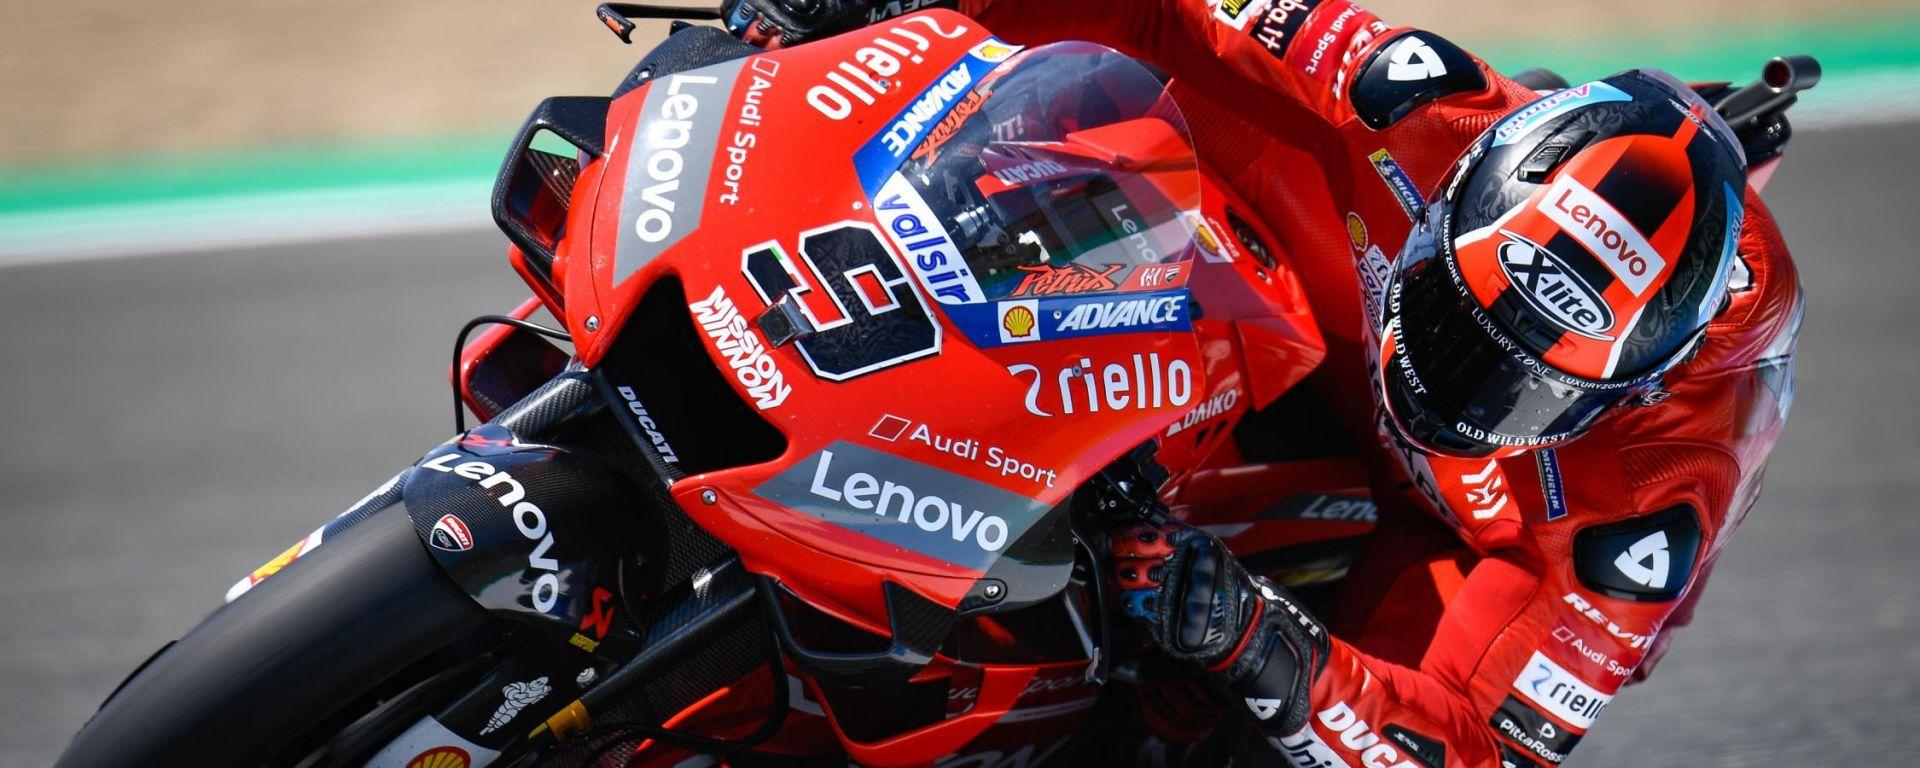 MotoGP Spagna: è ancora Petrucci nelle FP3, Rossi fuori per un pelo